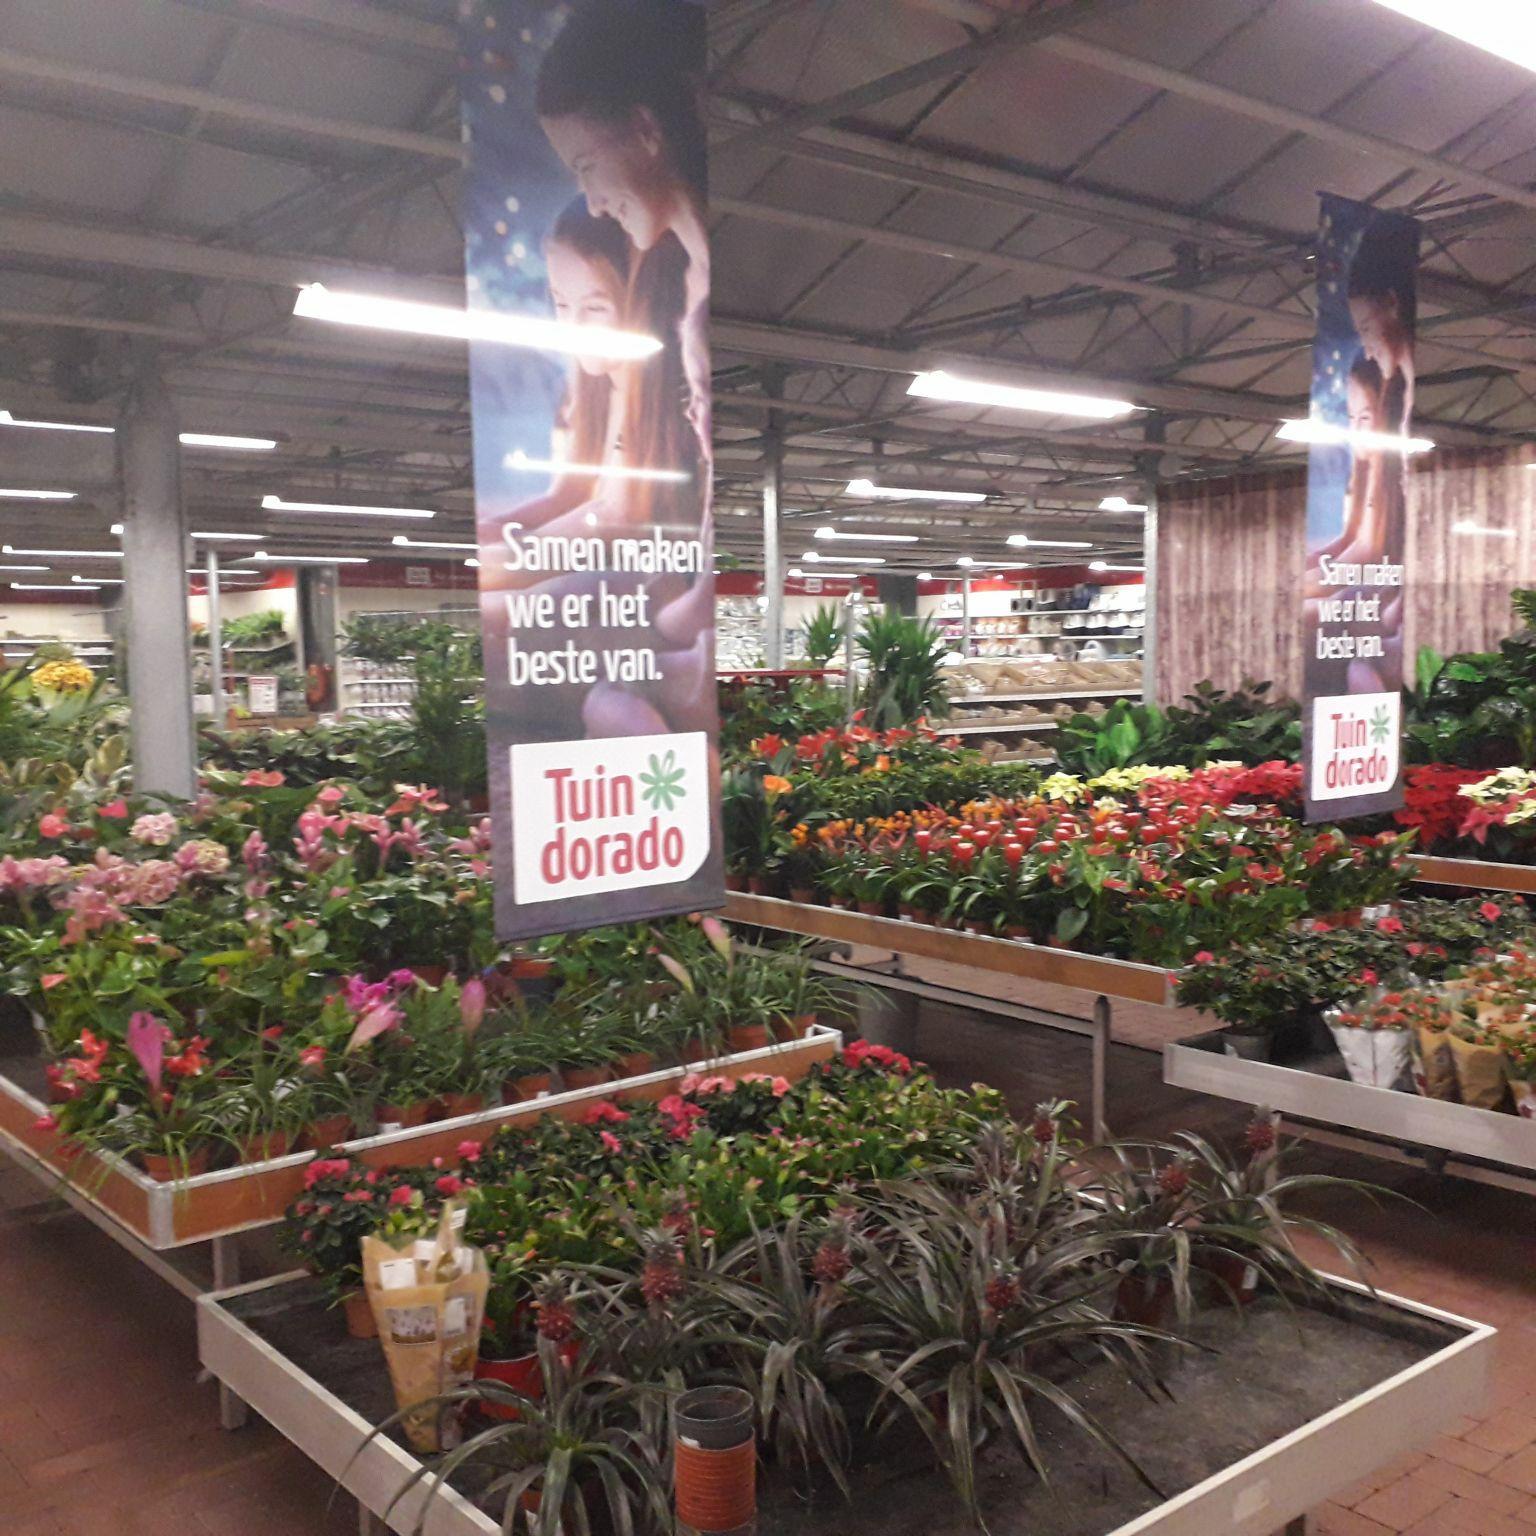 Huis vol met planten (20 stuks) voor € 55, inclusief verzendkosten, regio zuidoost friesland